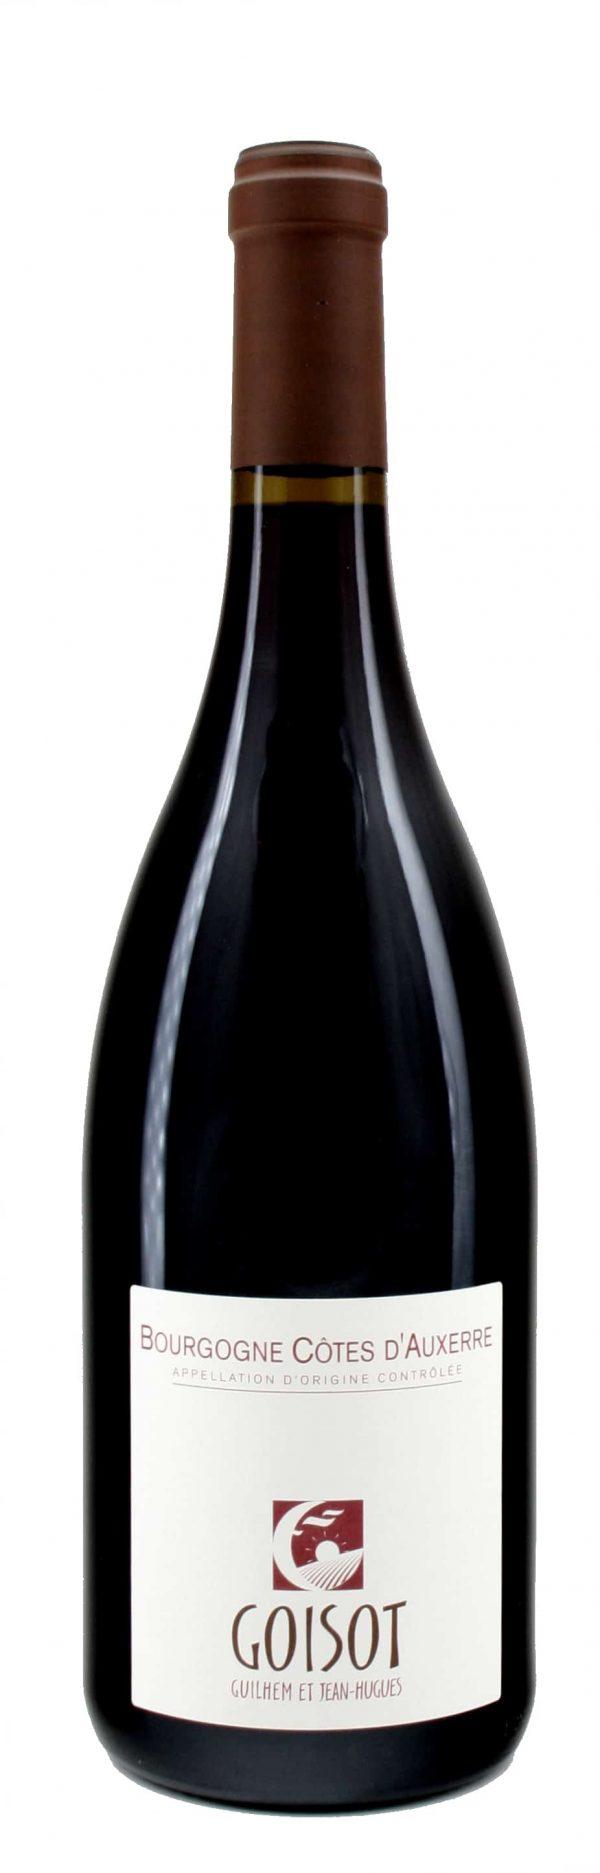 Bourgogne Côtes d'Auxerre Pinot Noir 2019